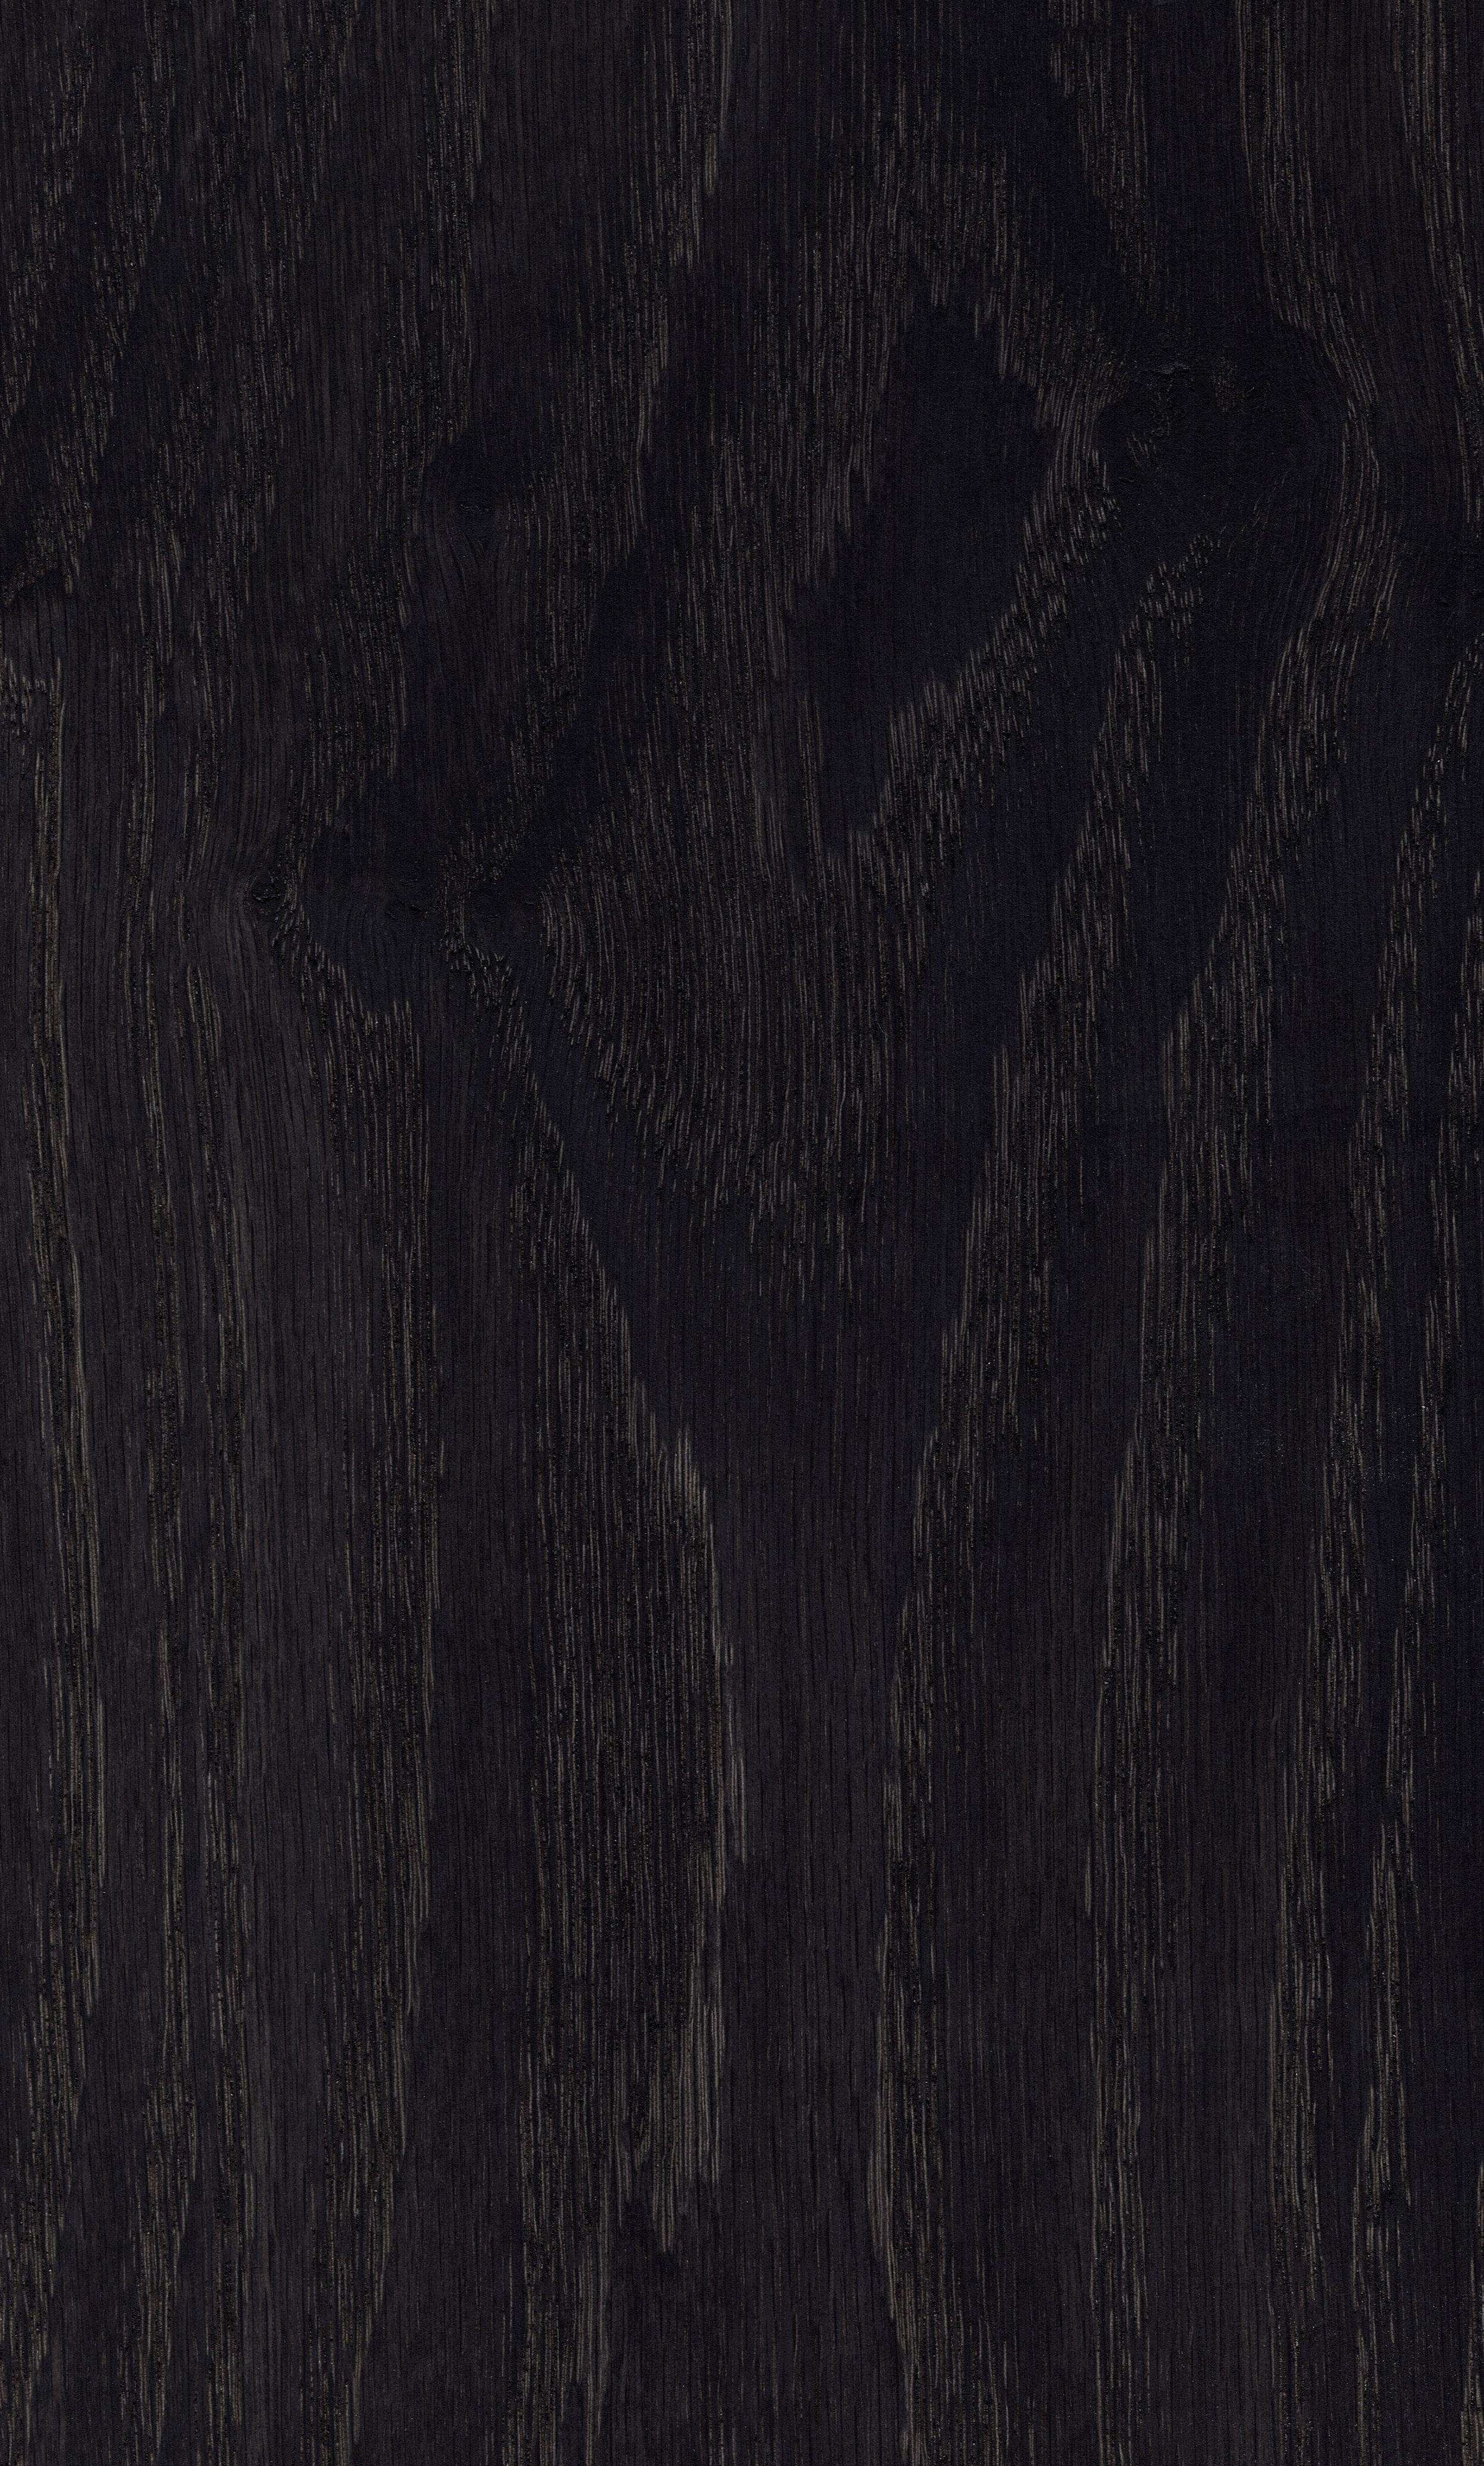 Oxidized oak